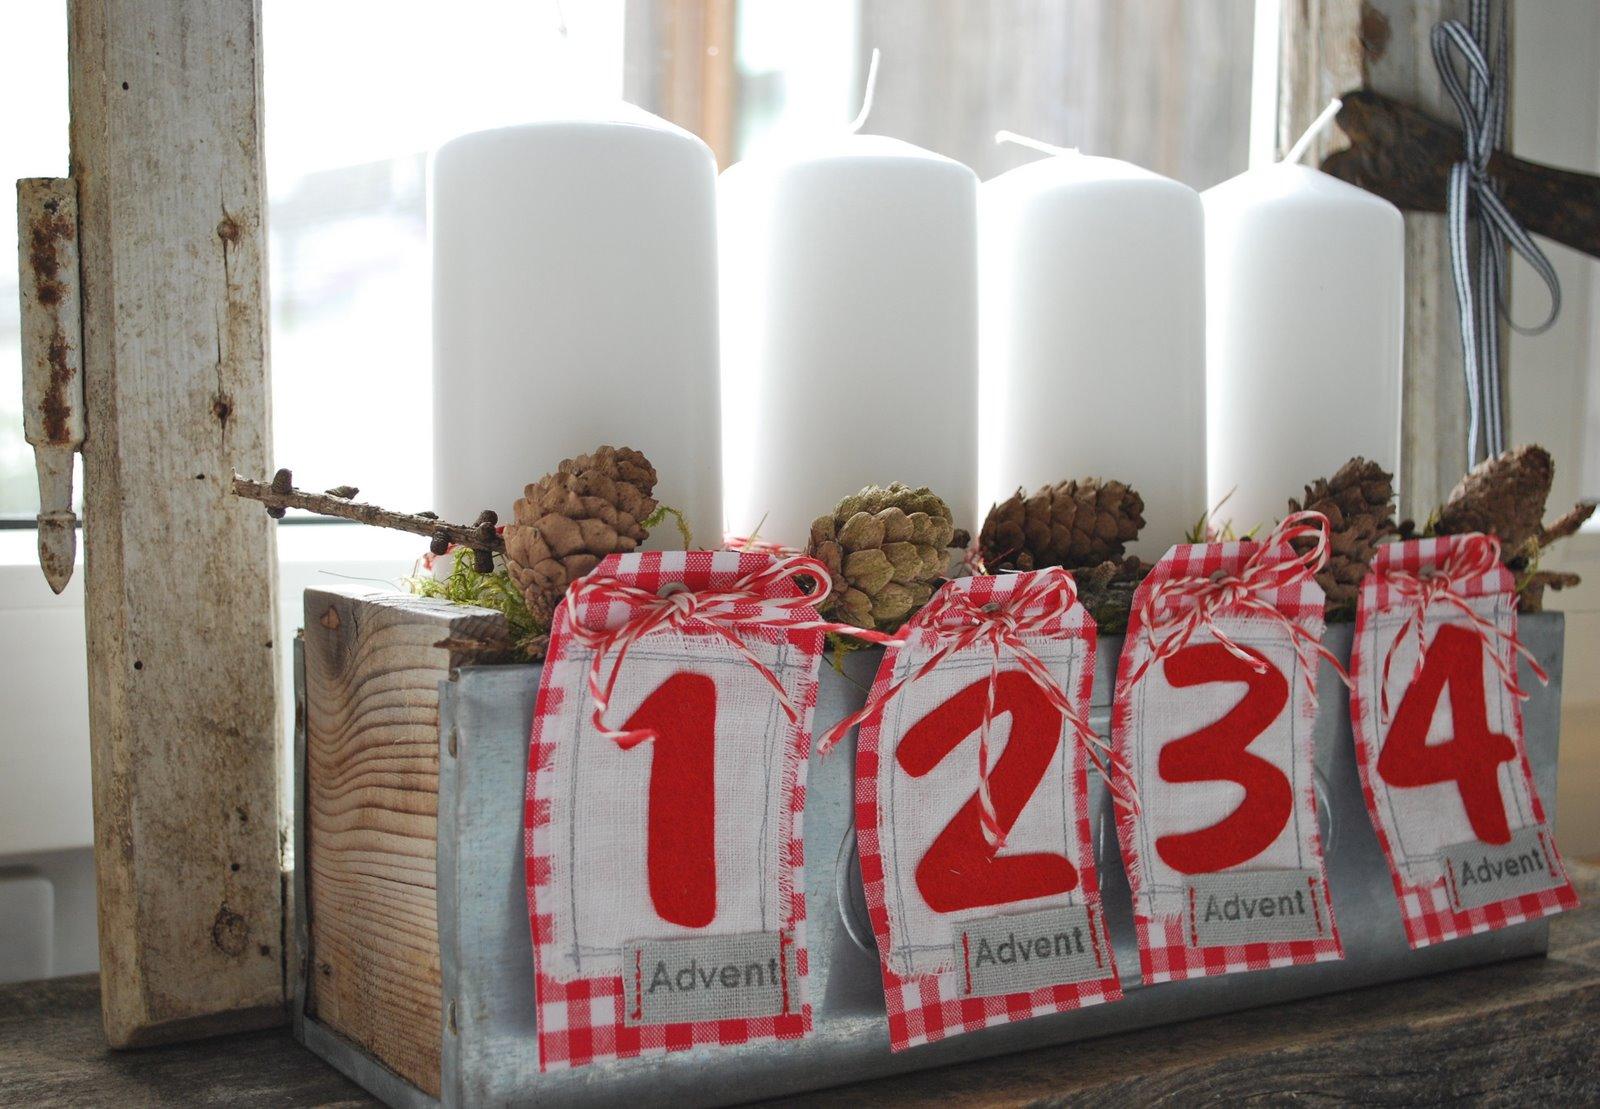 mamas kram geschenkanh nger aus stoff bei der brigitte weihnachts bloggerei. Black Bedroom Furniture Sets. Home Design Ideas